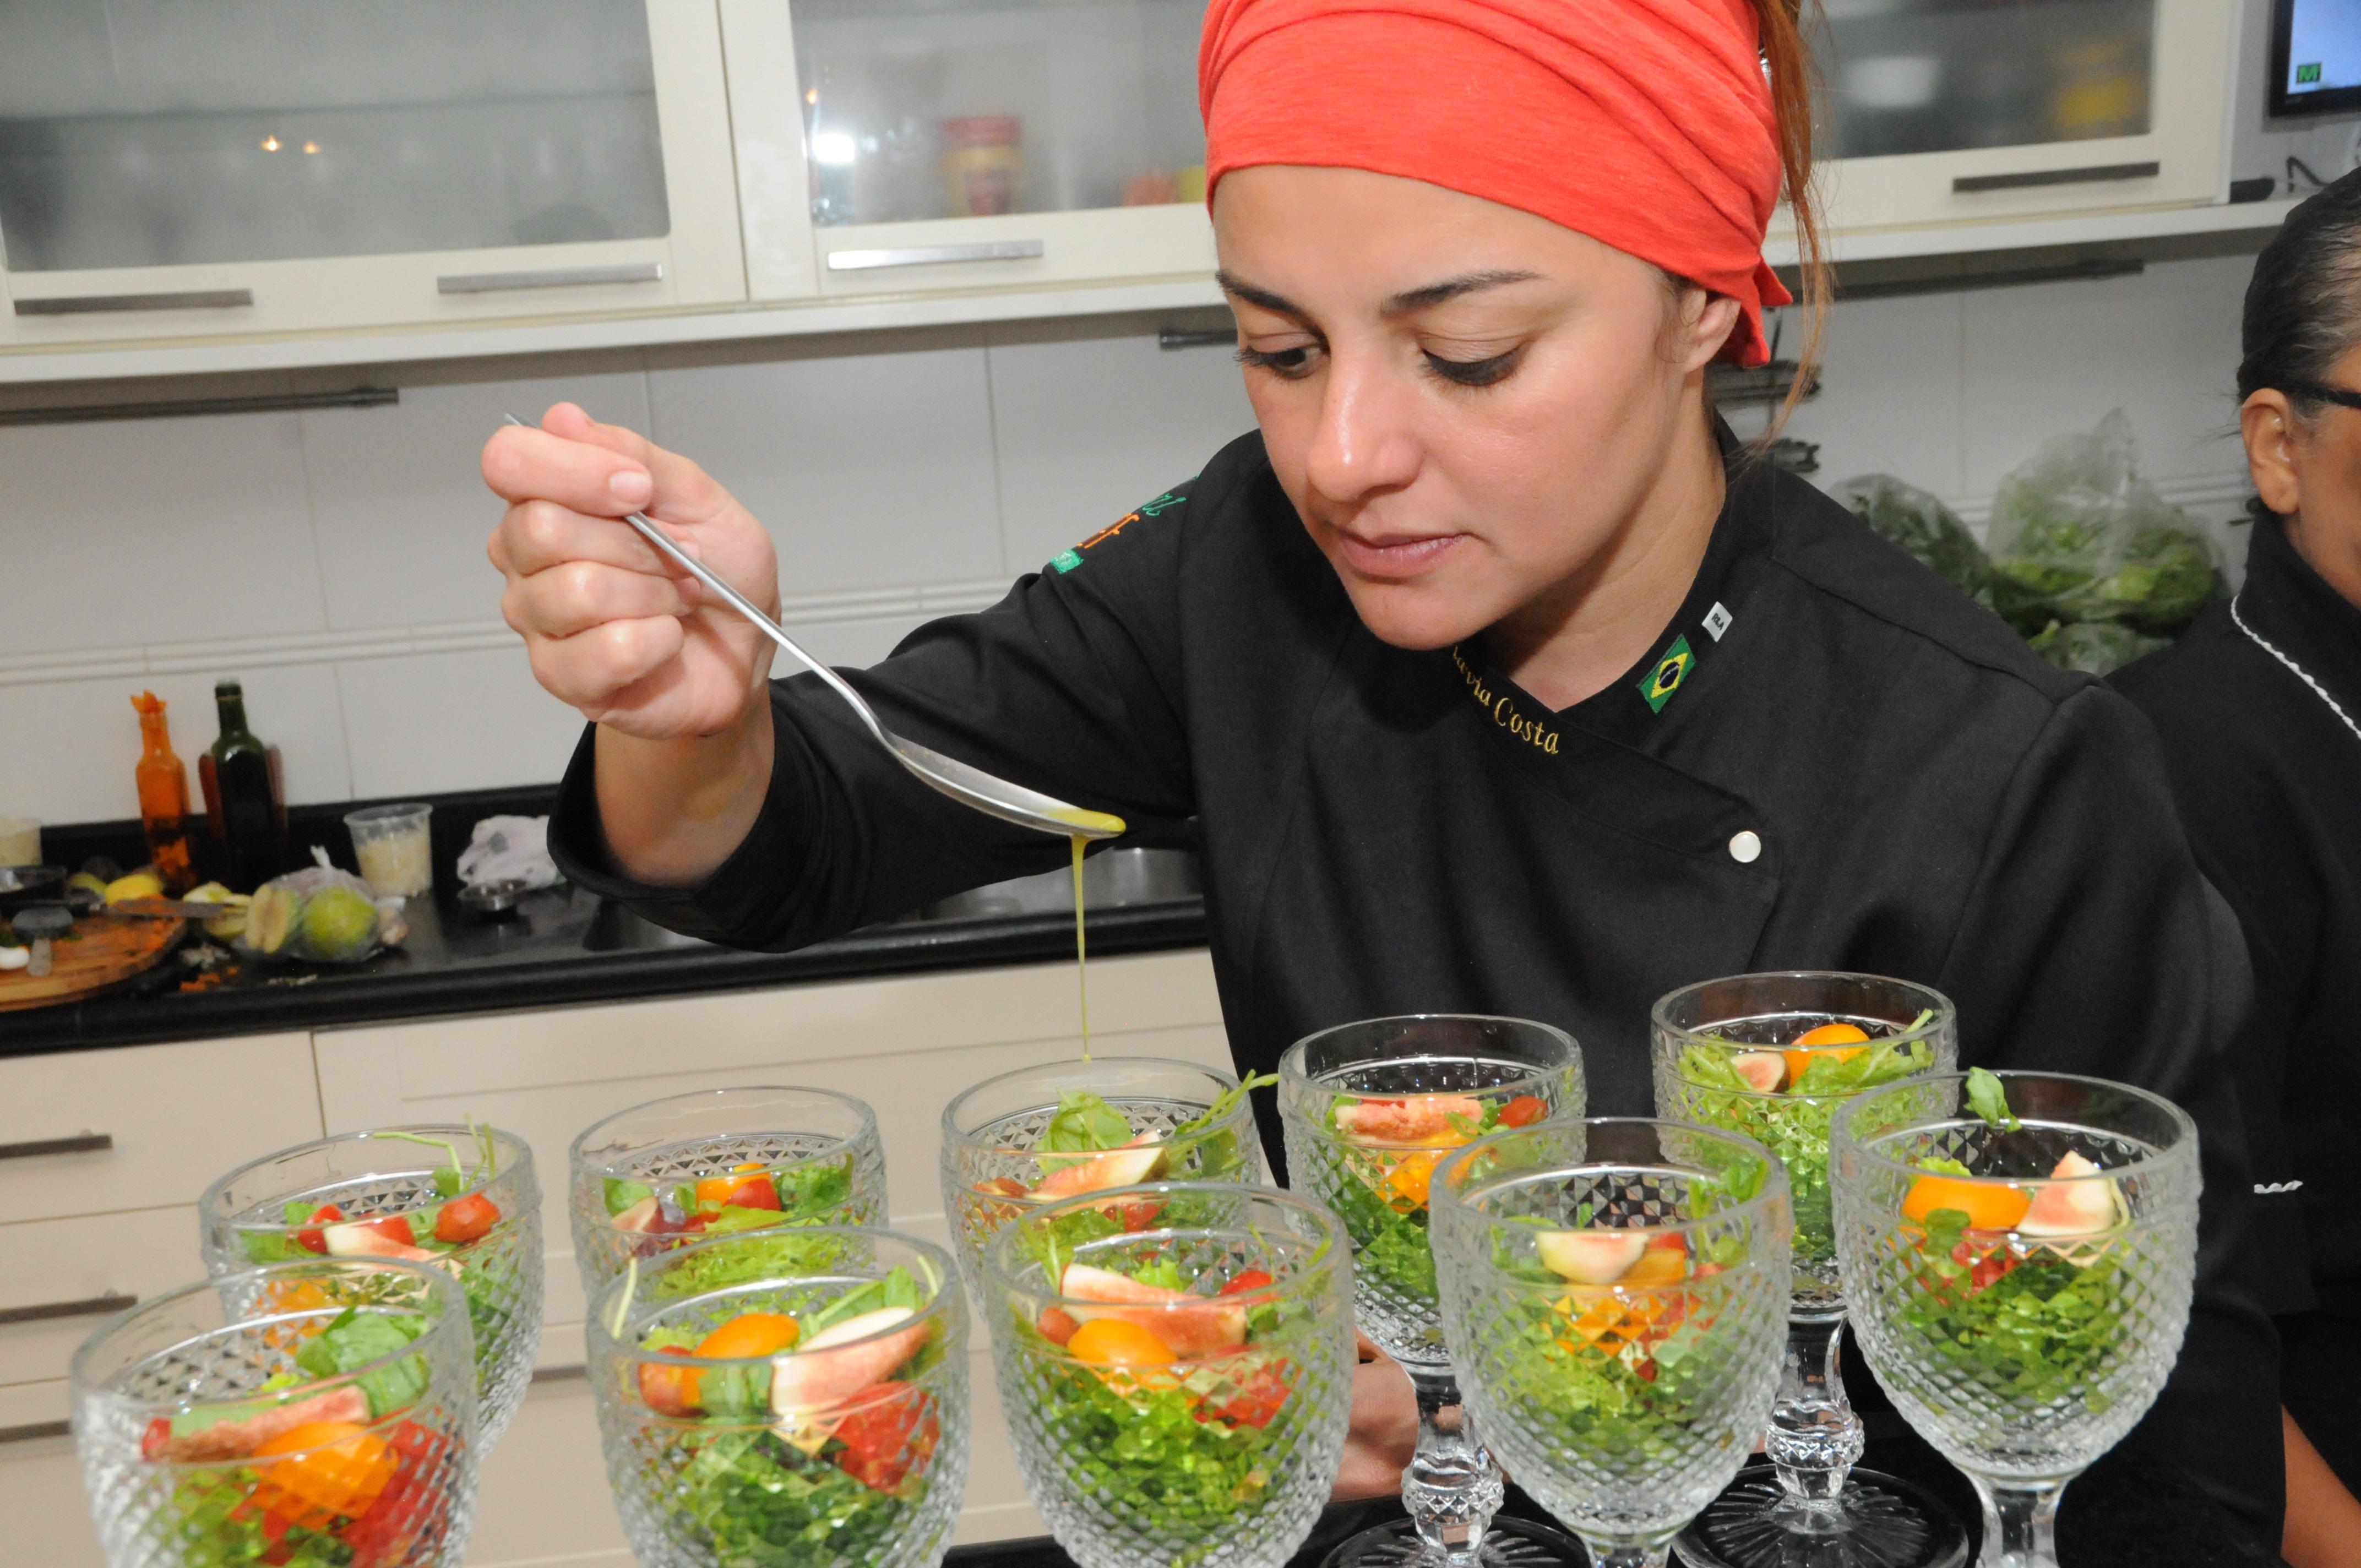 A chef Flavia Costa